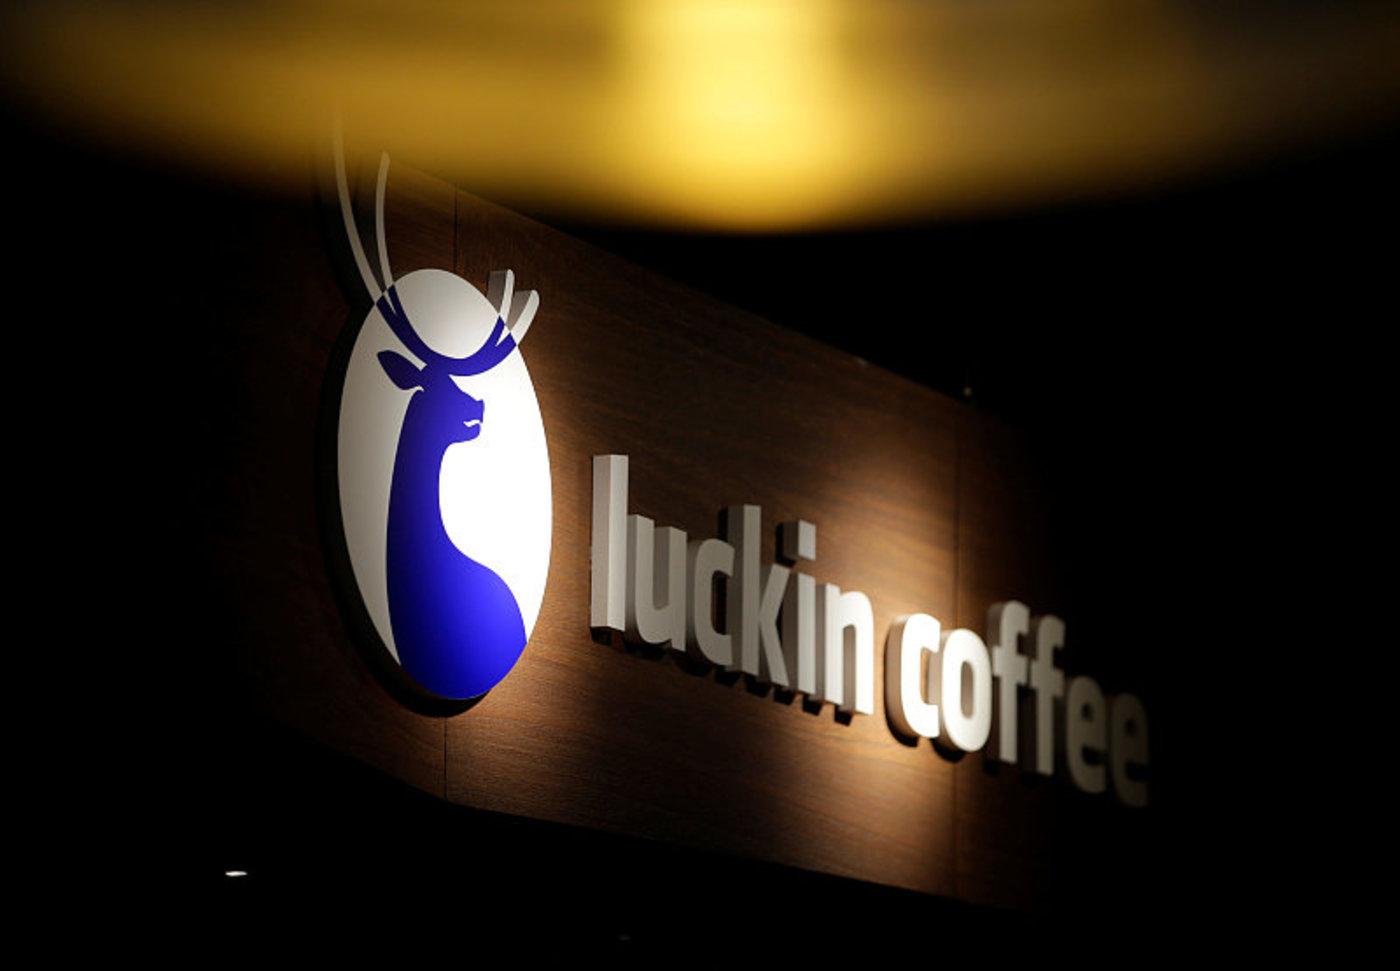 瑞幸正式赴美上市,咖啡新物种能被资本市场读懂吗?